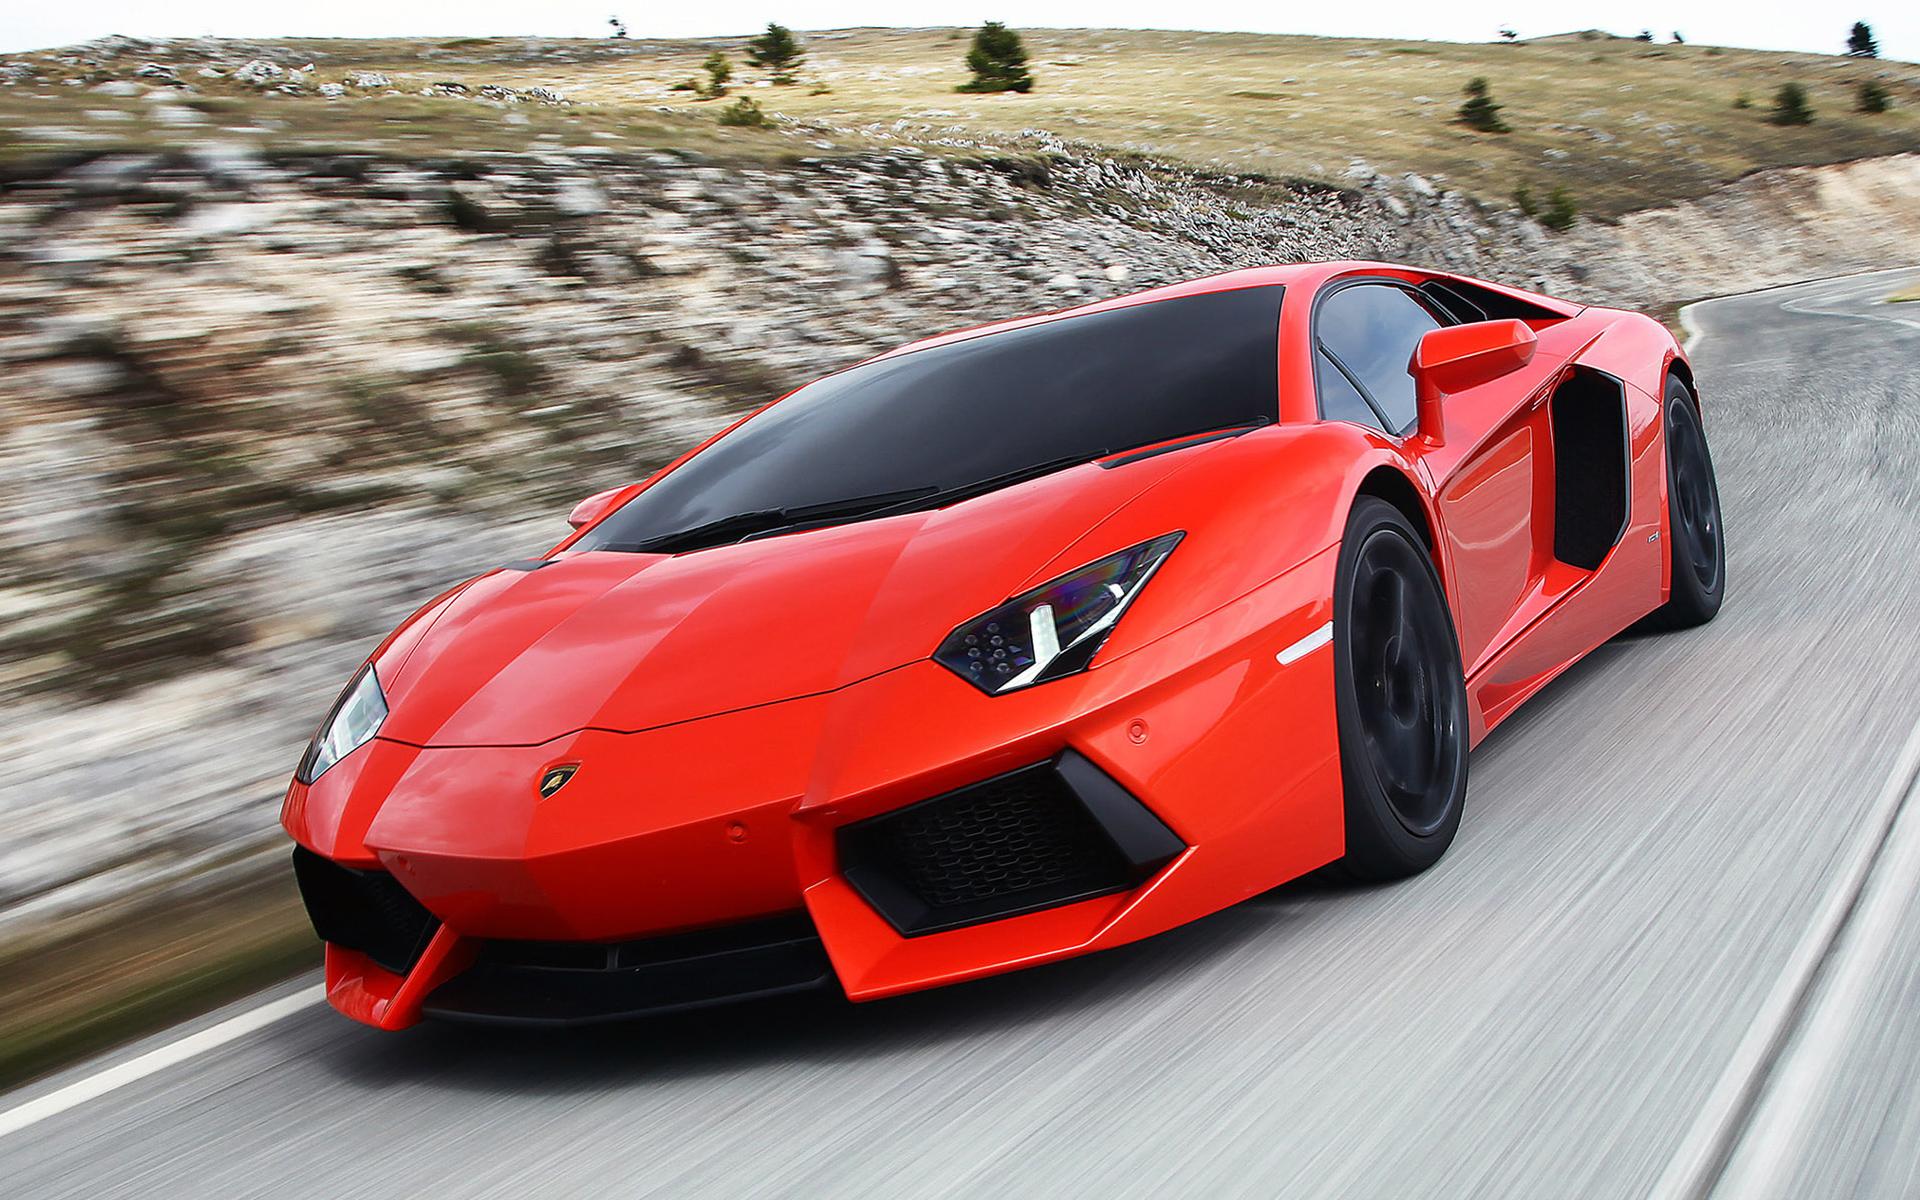 Top Wallpaper High Resolution Lamborghini Aventador - lamborghini_aventador_lp700_5-wide  You Should Have_94434.jpg